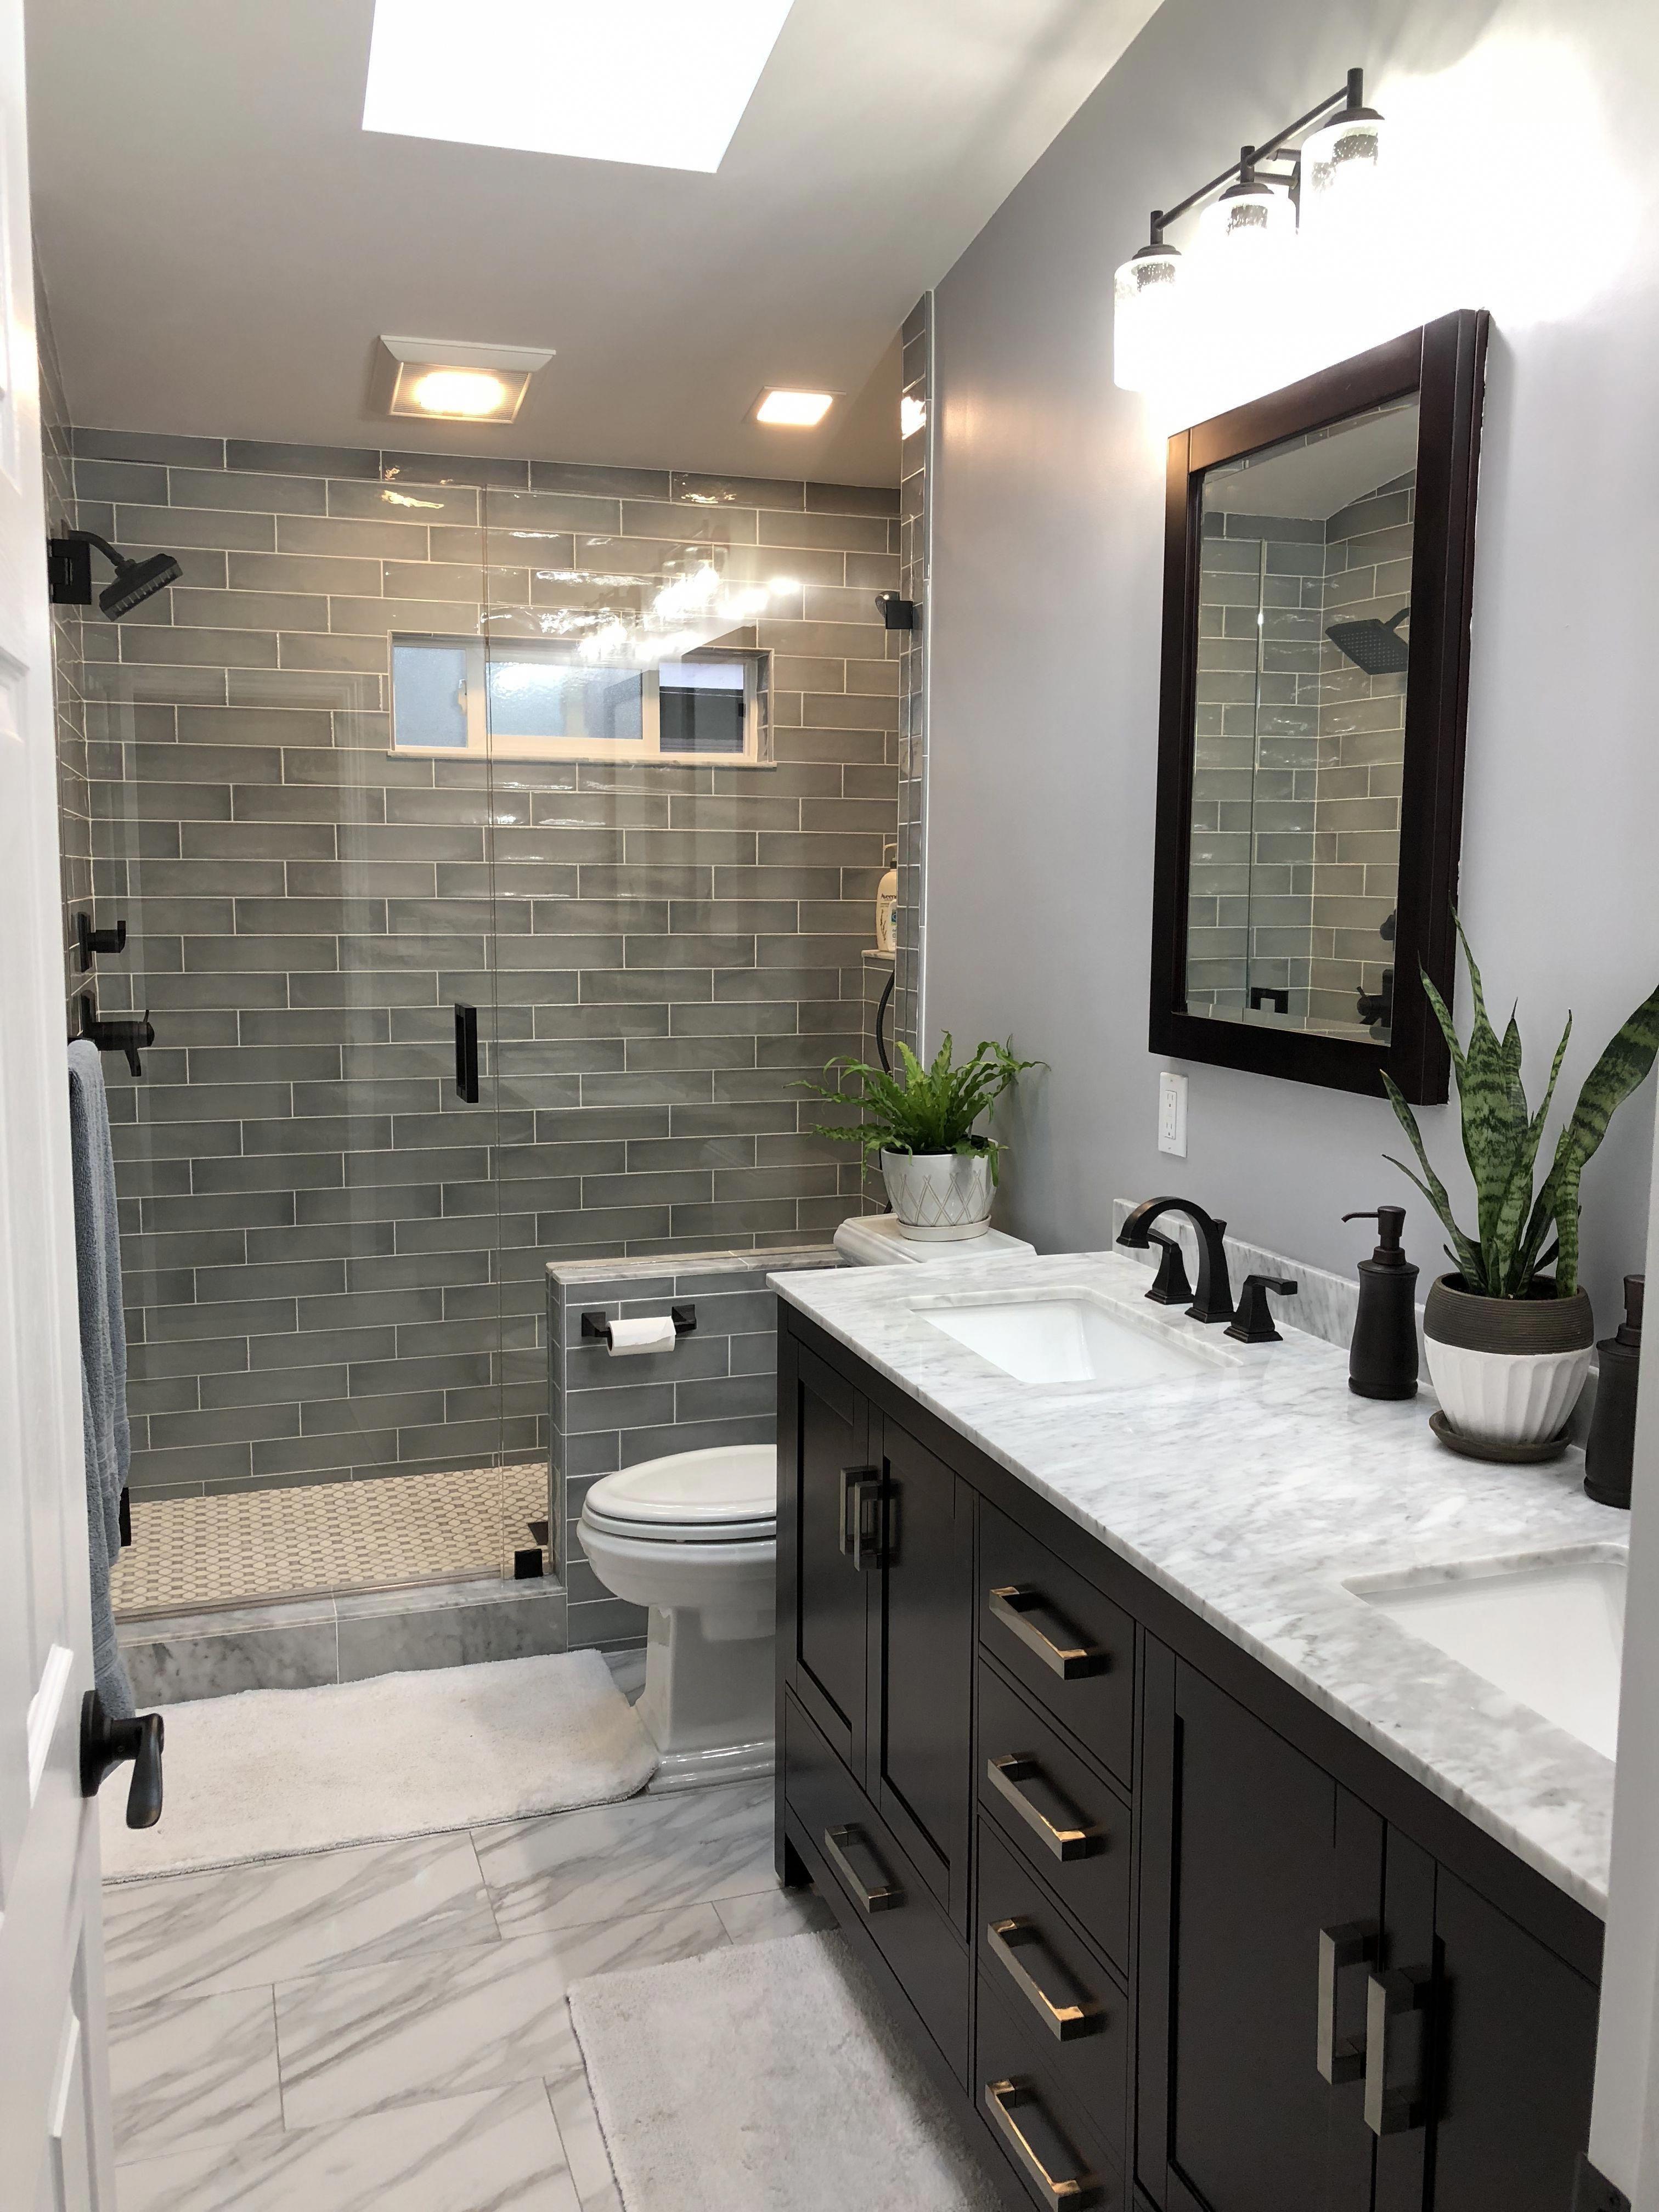 21 Bathroom Remodel Ideas The Latest Modern Design In 2020 Bathroom Remodel Master Bathroom Tile Designs Bathroom Layout